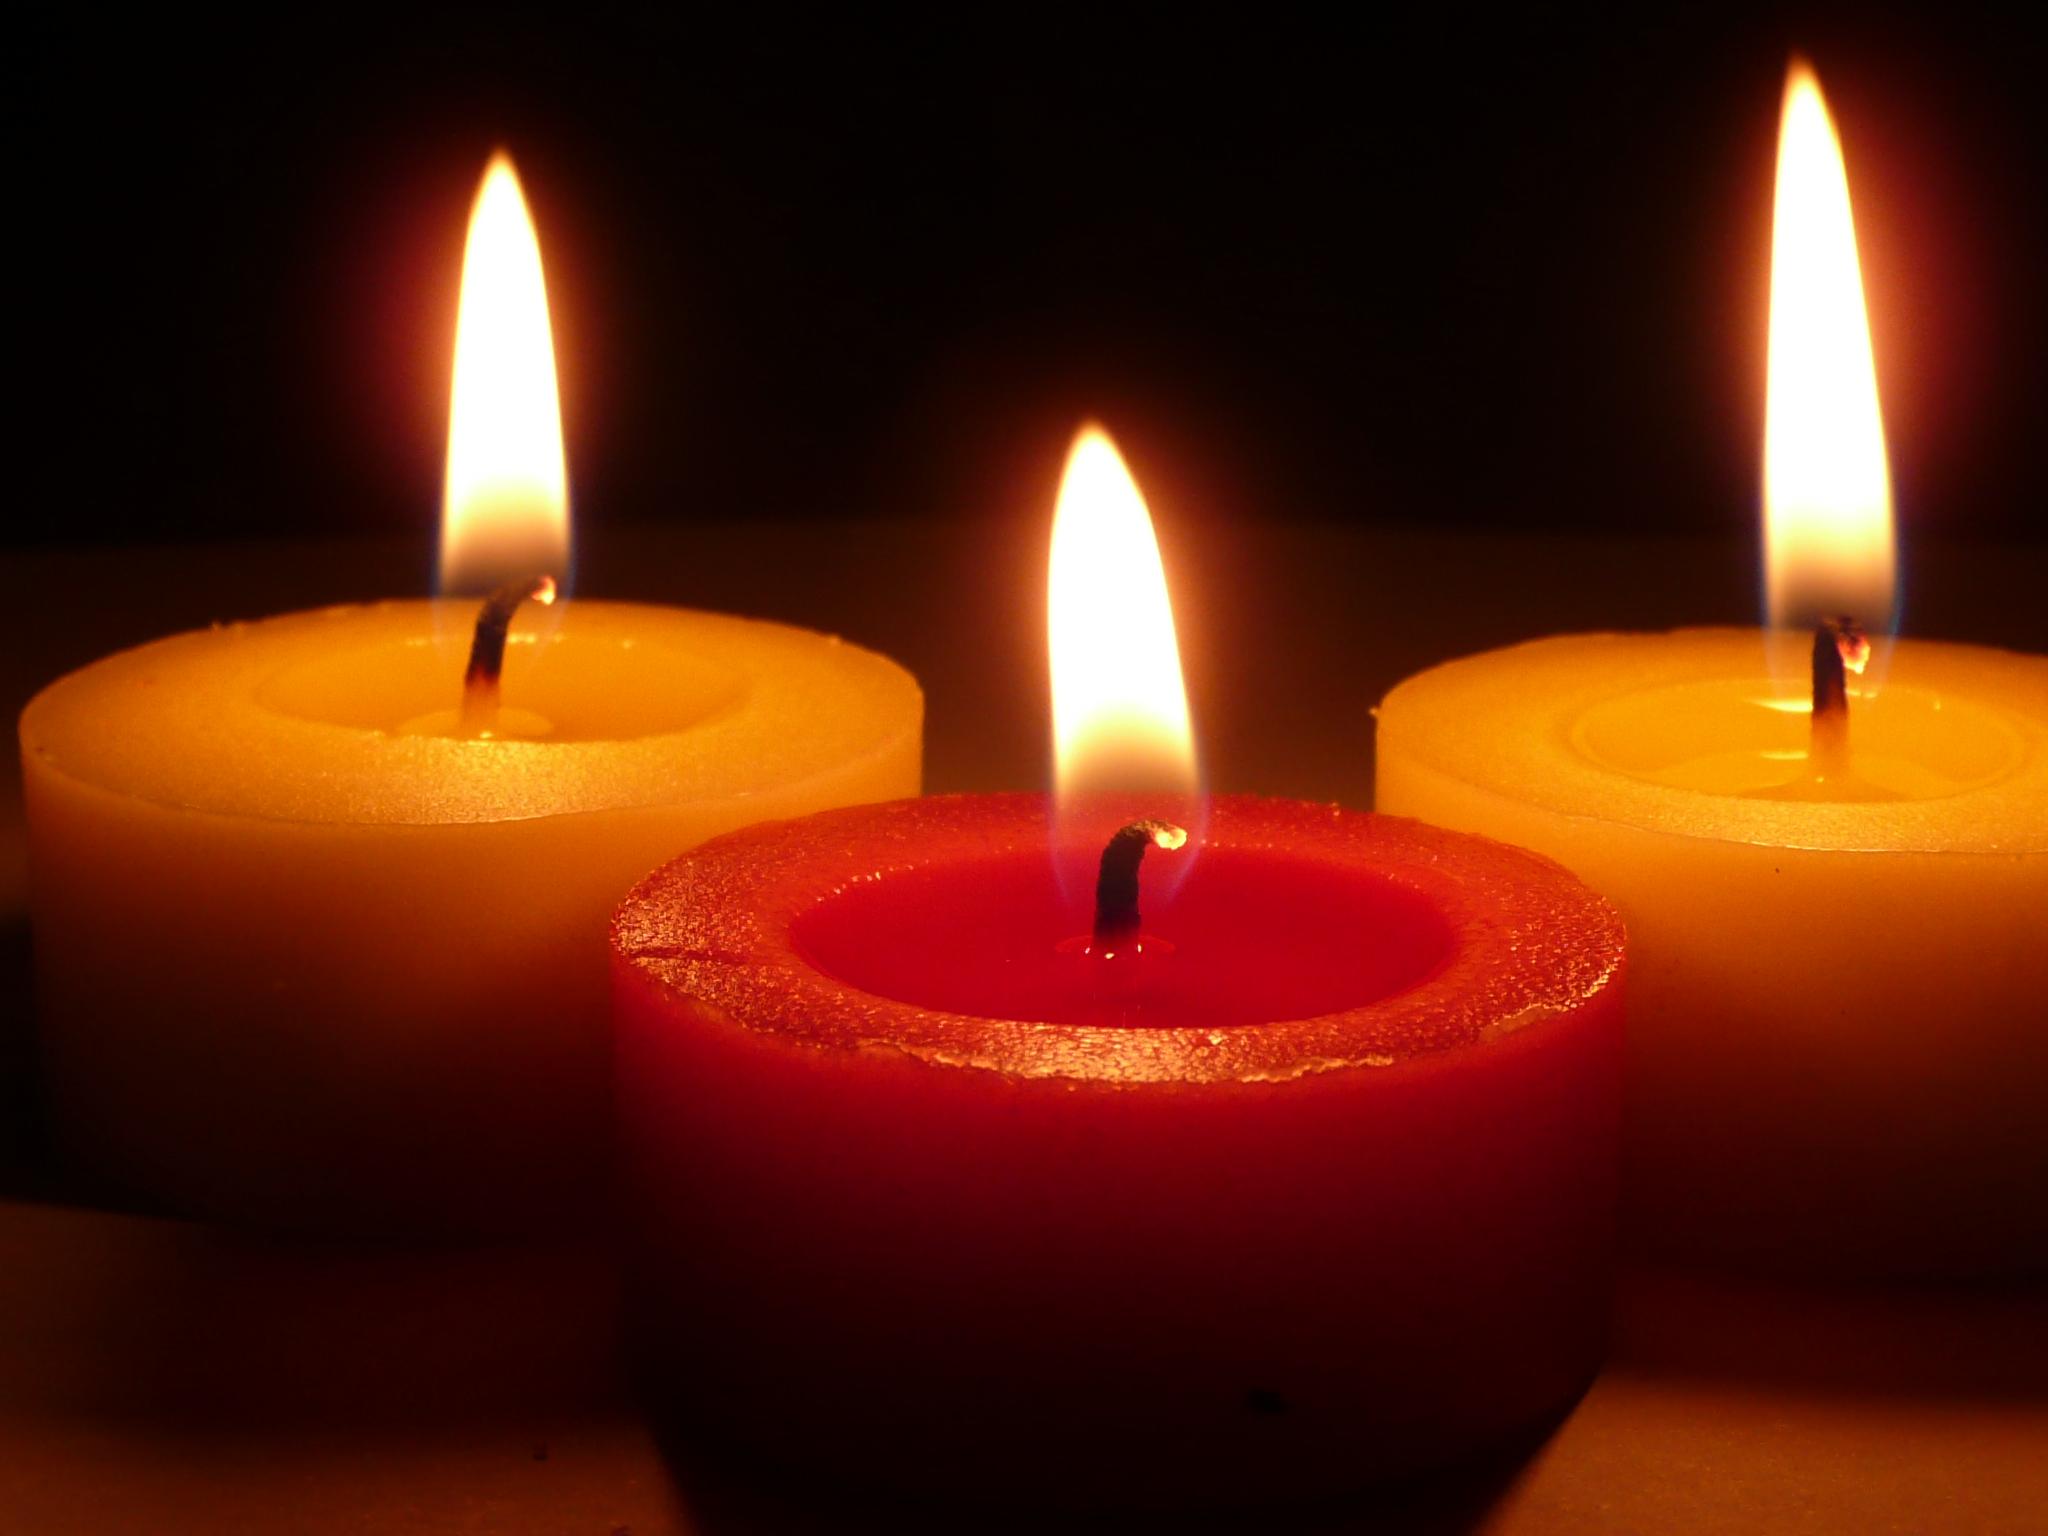 Tre Vigili del Fuoco hanno perso la vita. Con immenso dolore esprimiamo il nostro cordoglio.